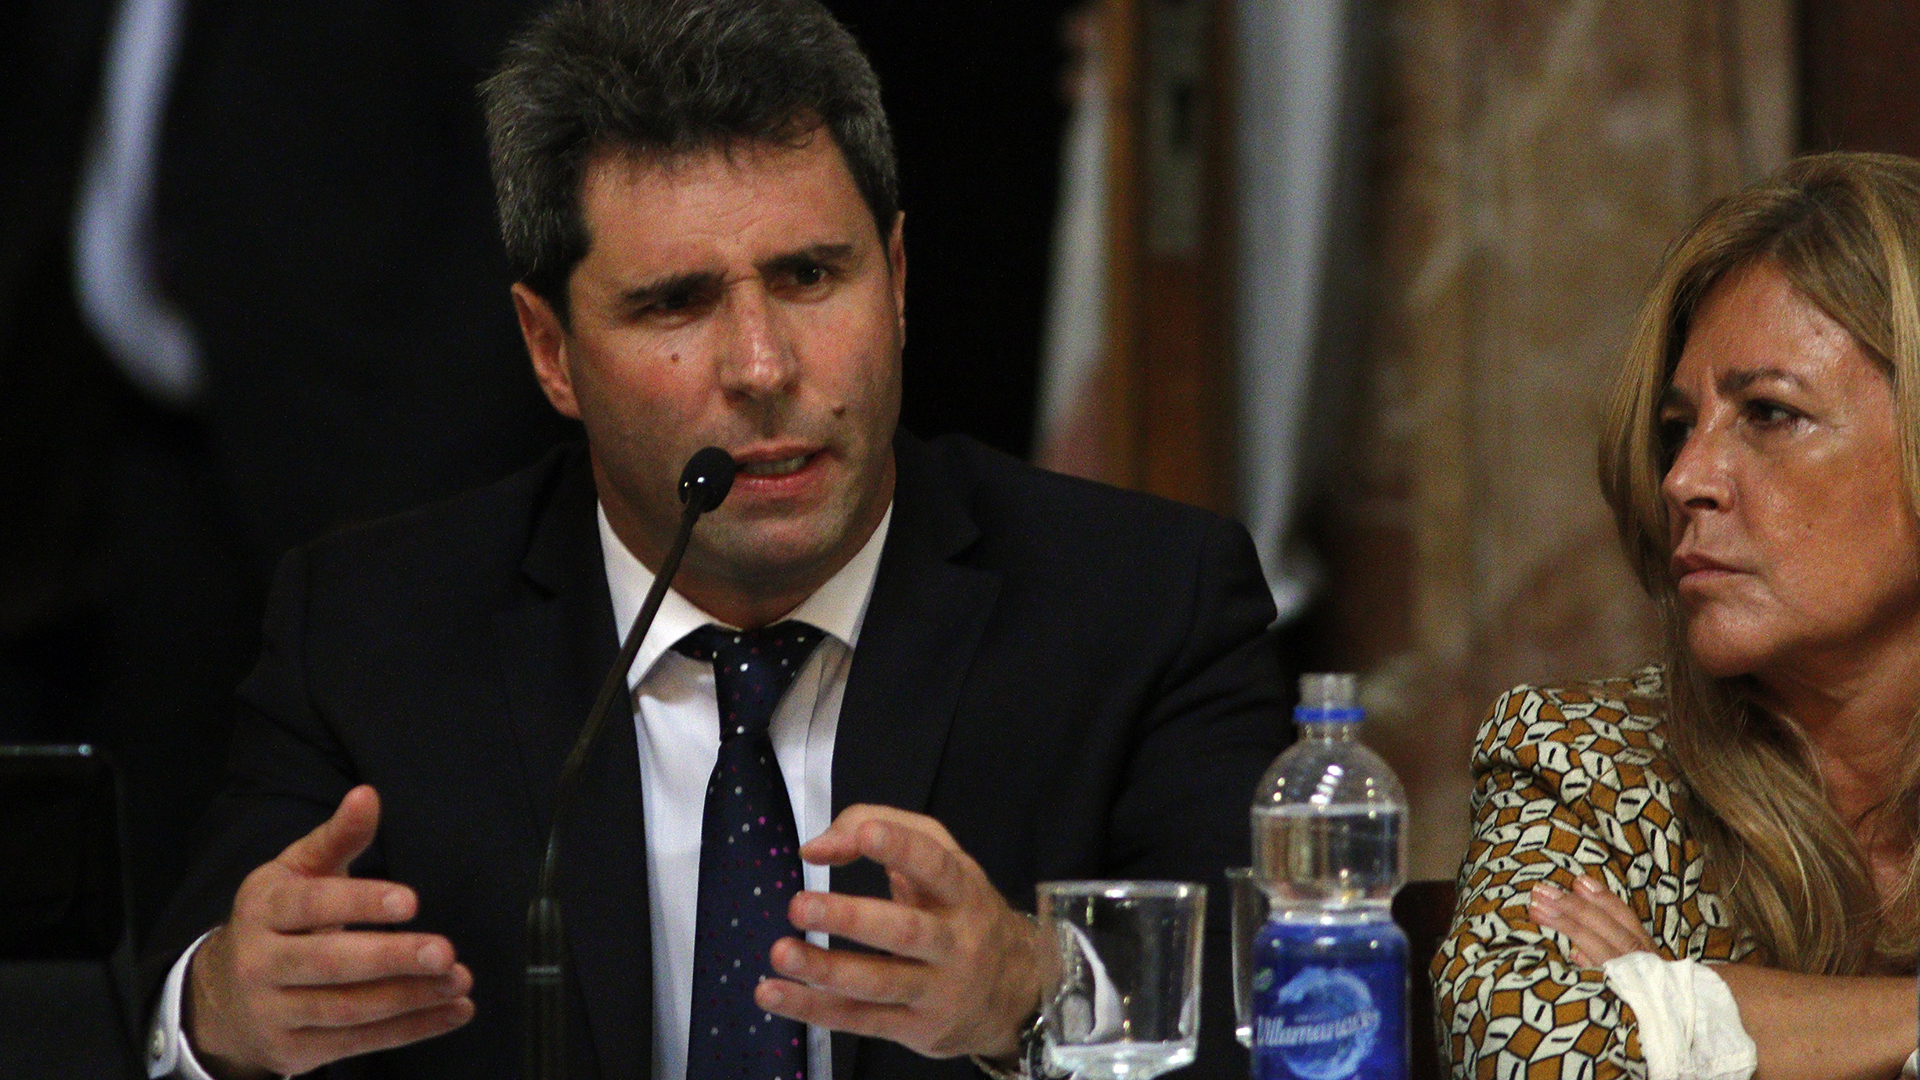 El gobernador de San Juan, Sergio Uñac, adelantó las elecciones en su provincia (NA)